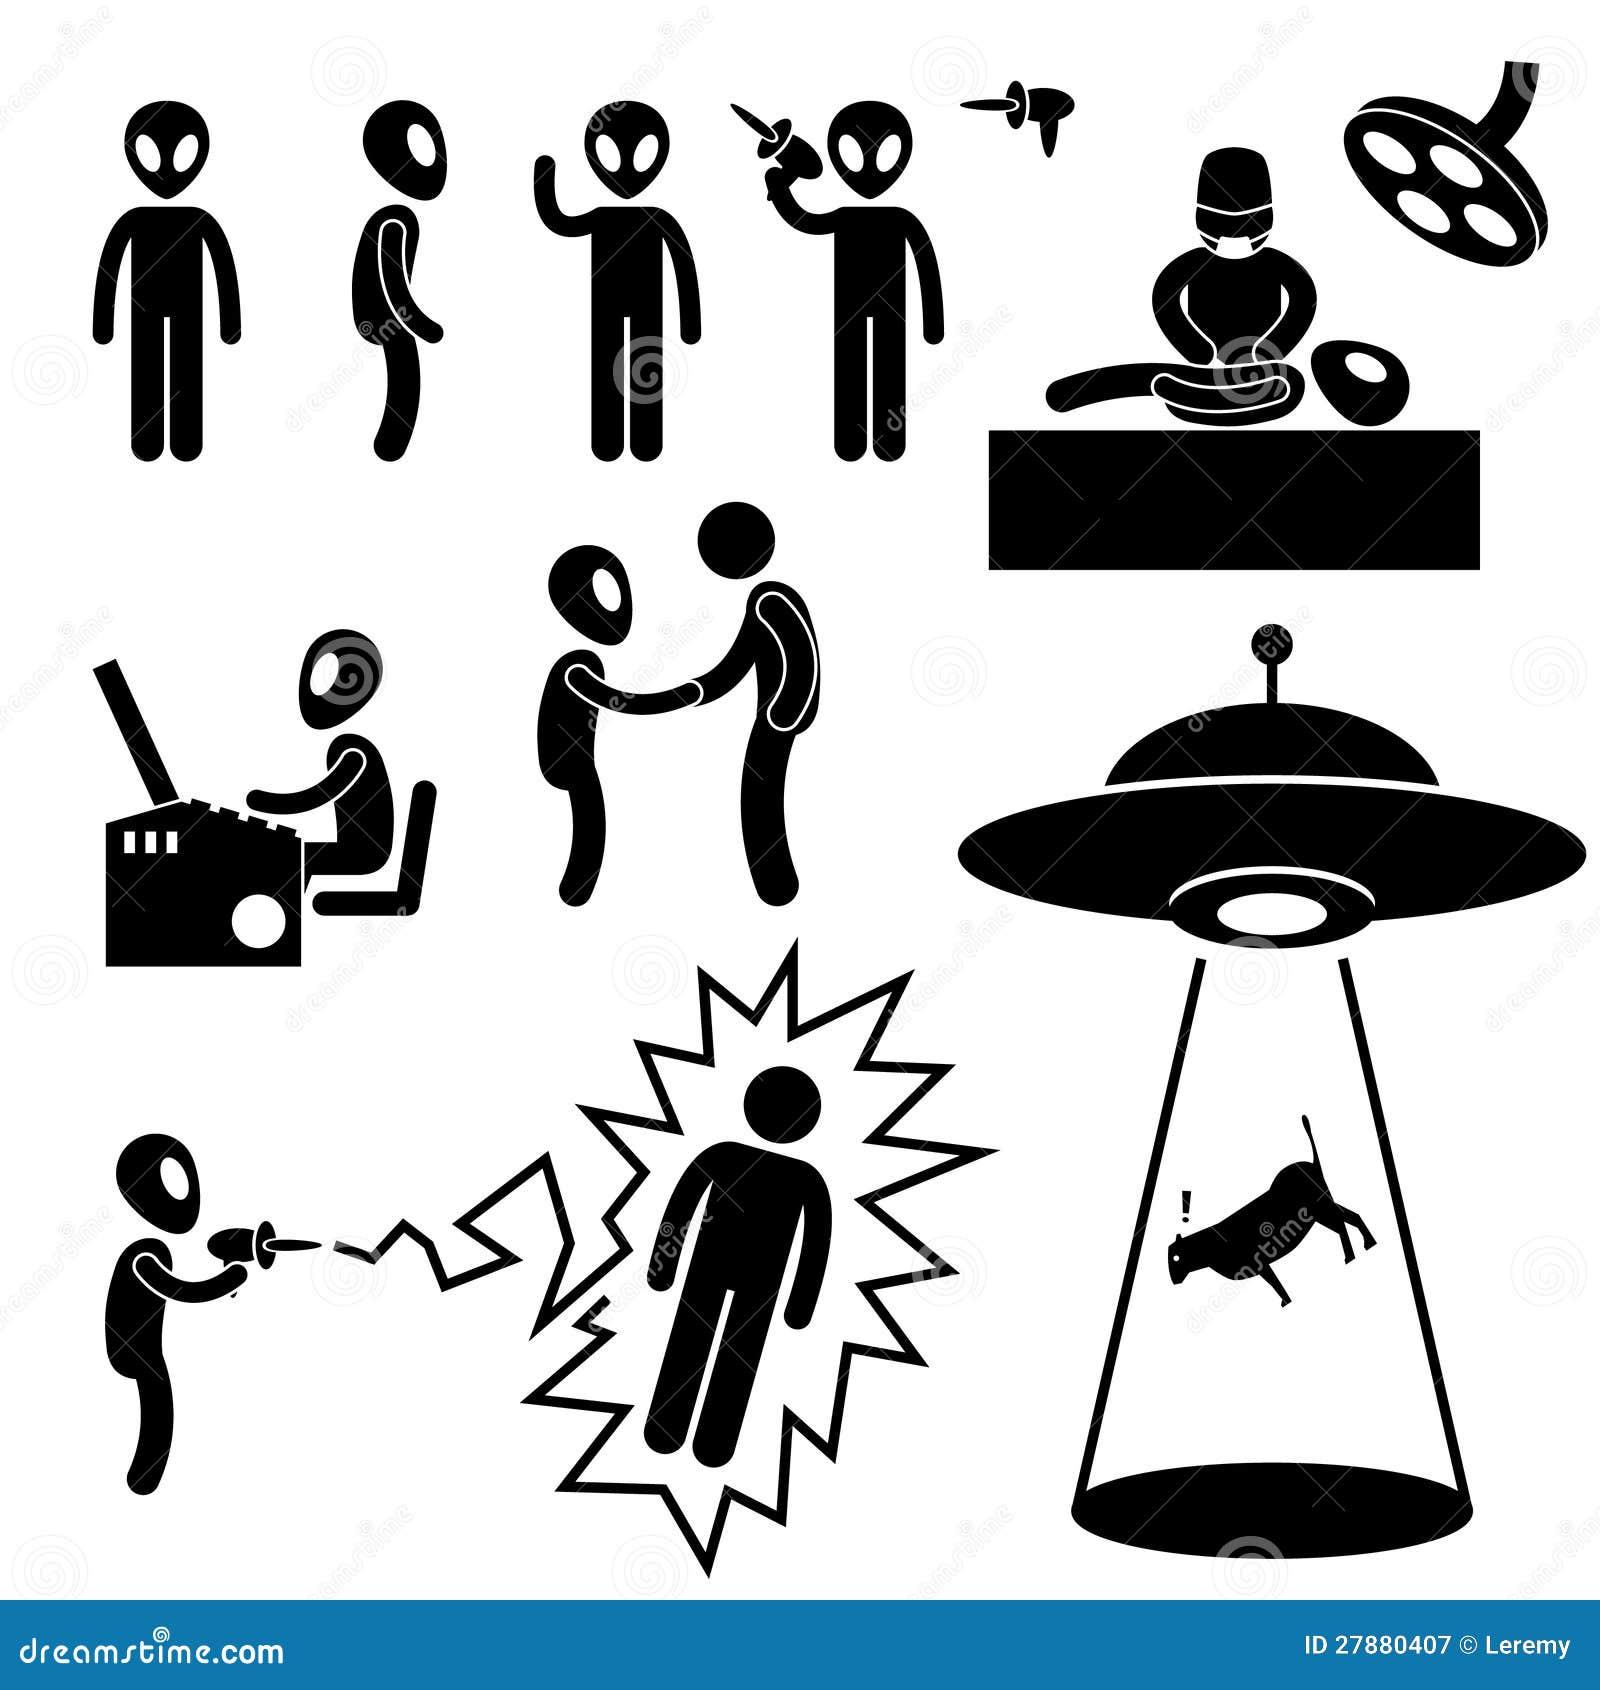 UFO Obcy Najeźdźc Piktogram